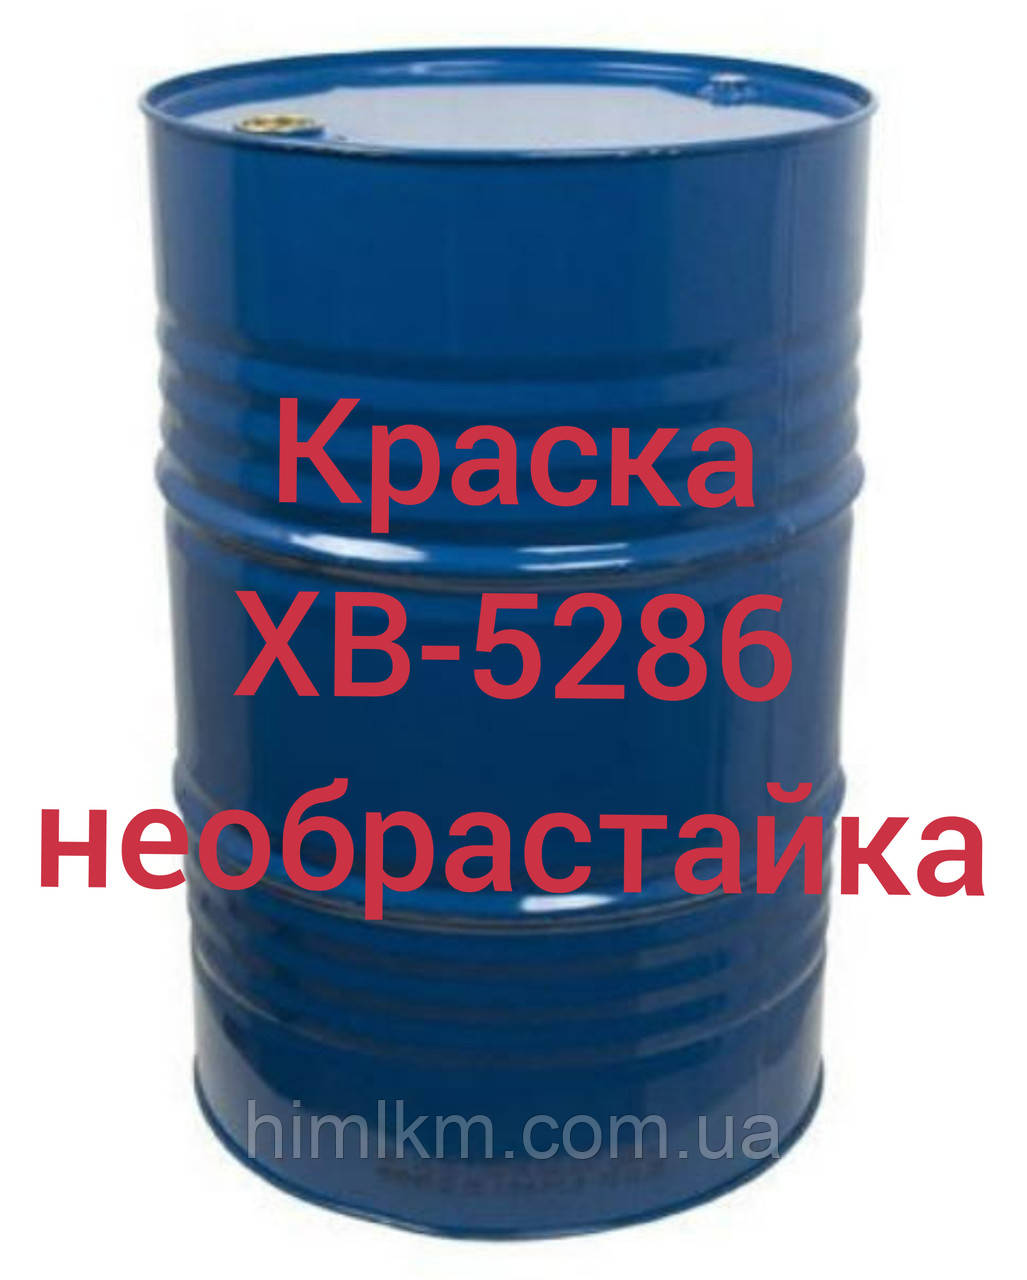 Эмаль ХВ-5286 С для защиты от обрастания подводной части корпусов